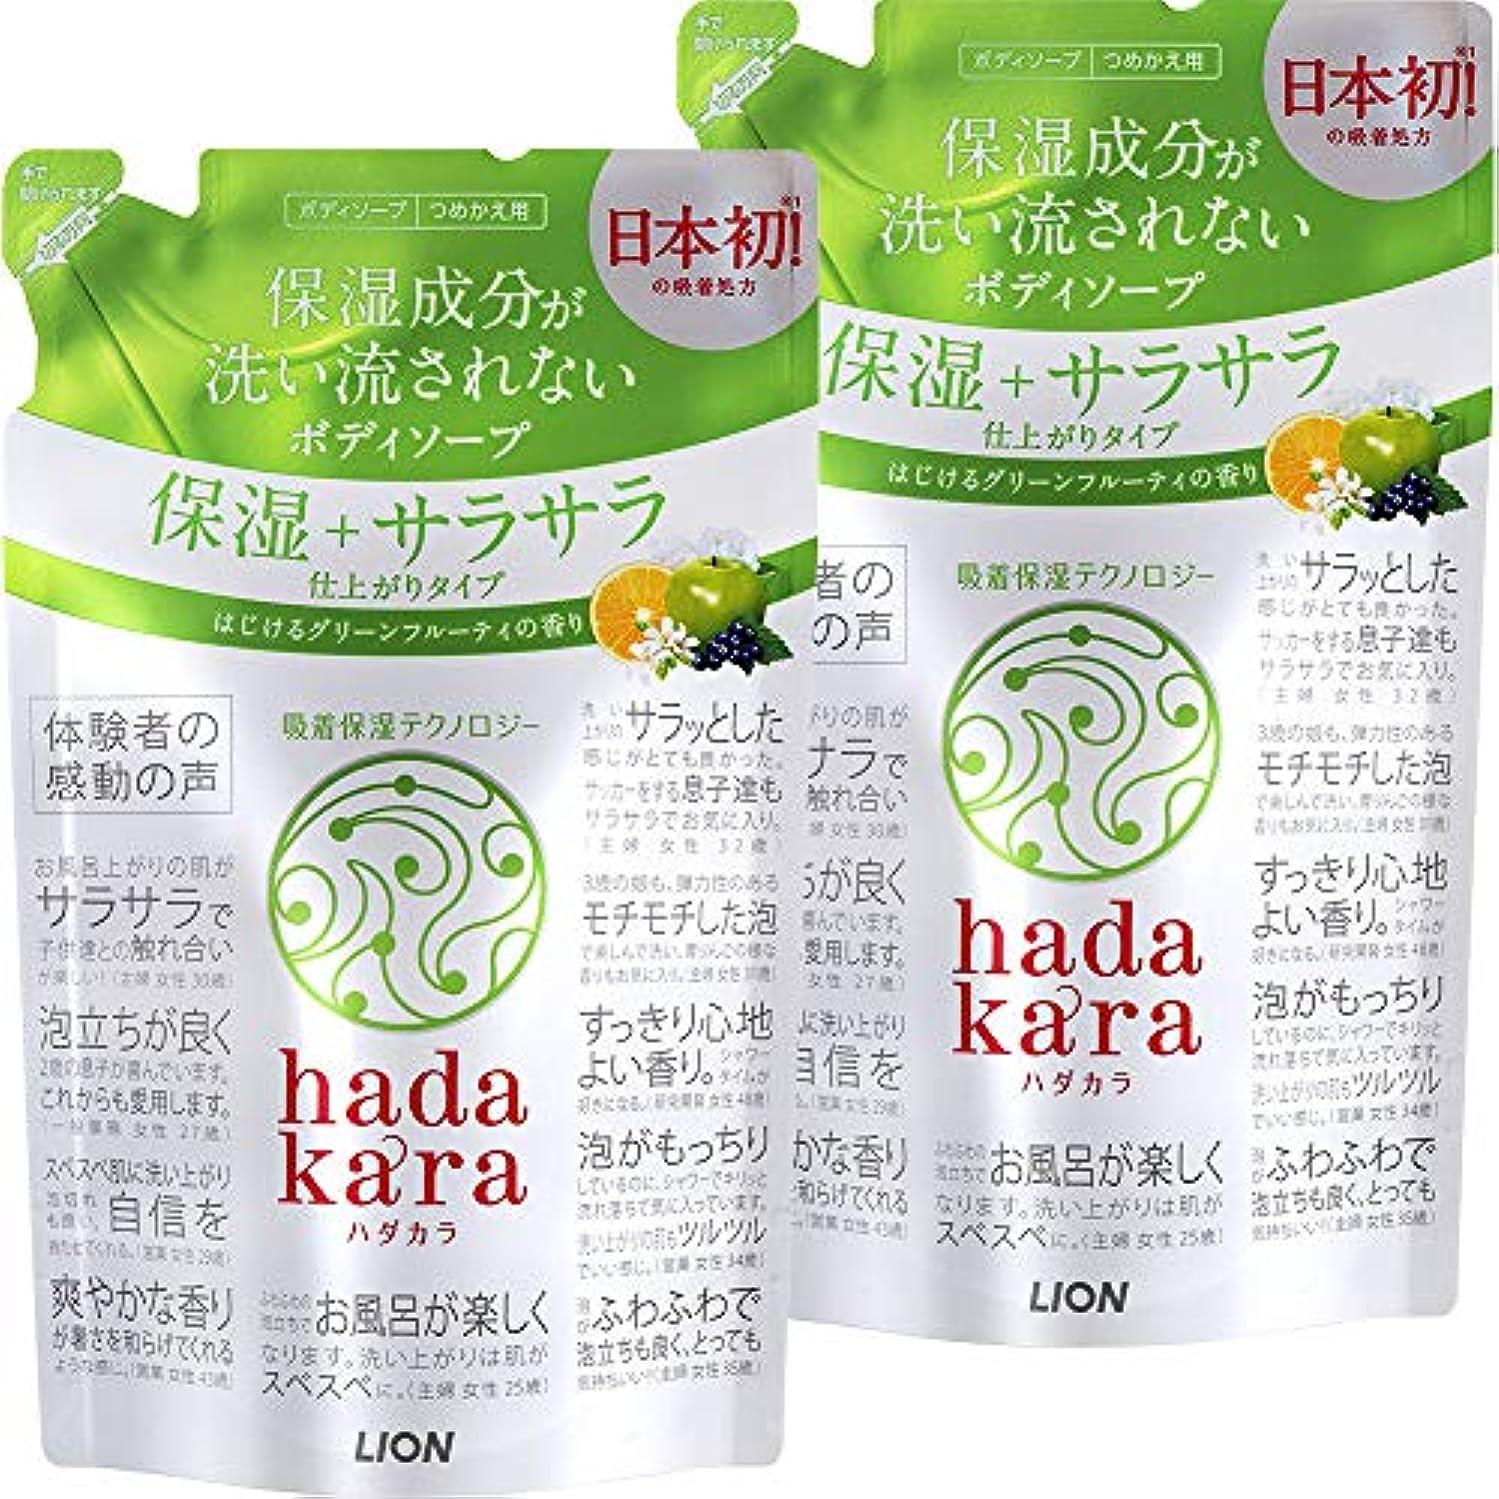 ガチョウ重くする閲覧する【まとめ買い】hadakara(ハダカラ) ボディソープ 保湿+サラサラ仕上がりタイプ グリーンフルーティの香り 詰め替え 340ml×2個パック